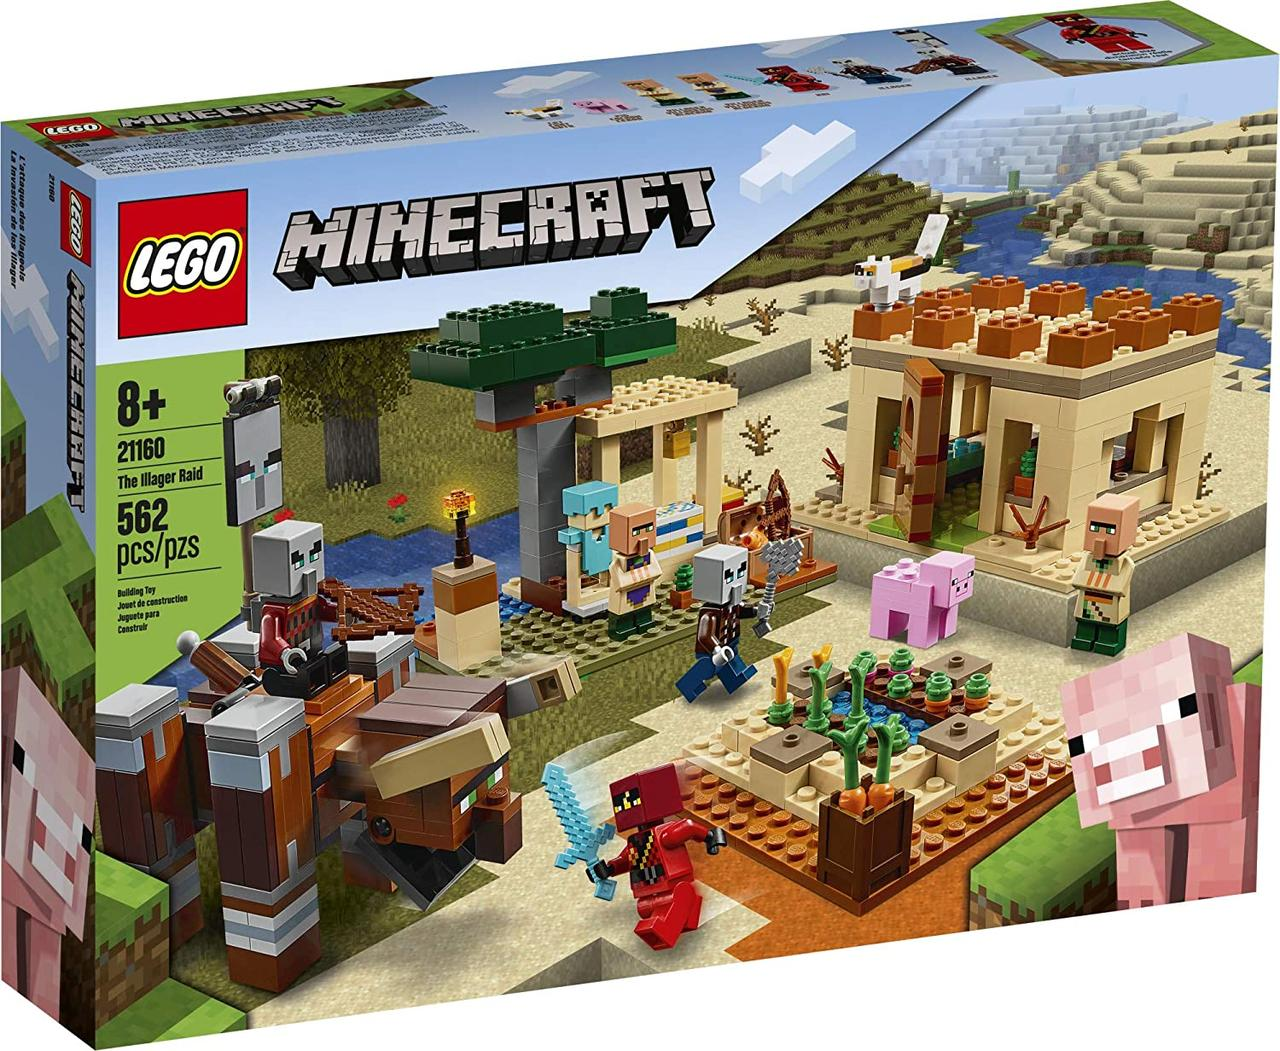 Конструктор LEGO Minecraft Патруль разбойников (21160) LEGO Minecraft The Illager Raid